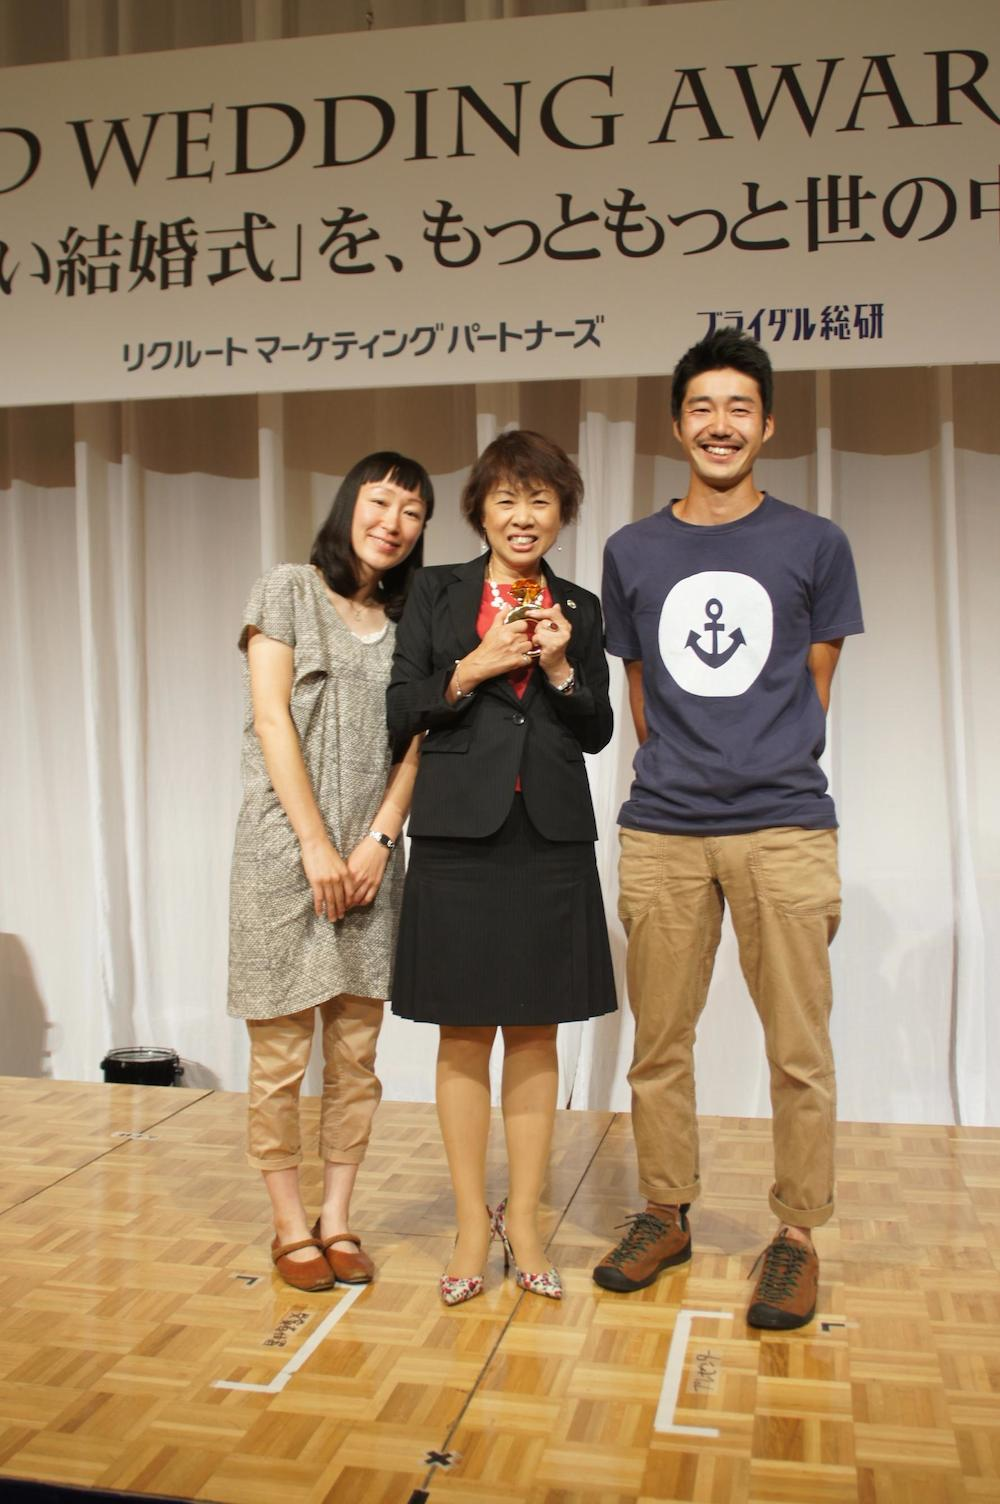 「いい結婚式」のプランニングコンテスト「Good Wedding Award 2014」でウェコ 山本恵さんの【おひさま結婚式】がグランプリを受賞しました14